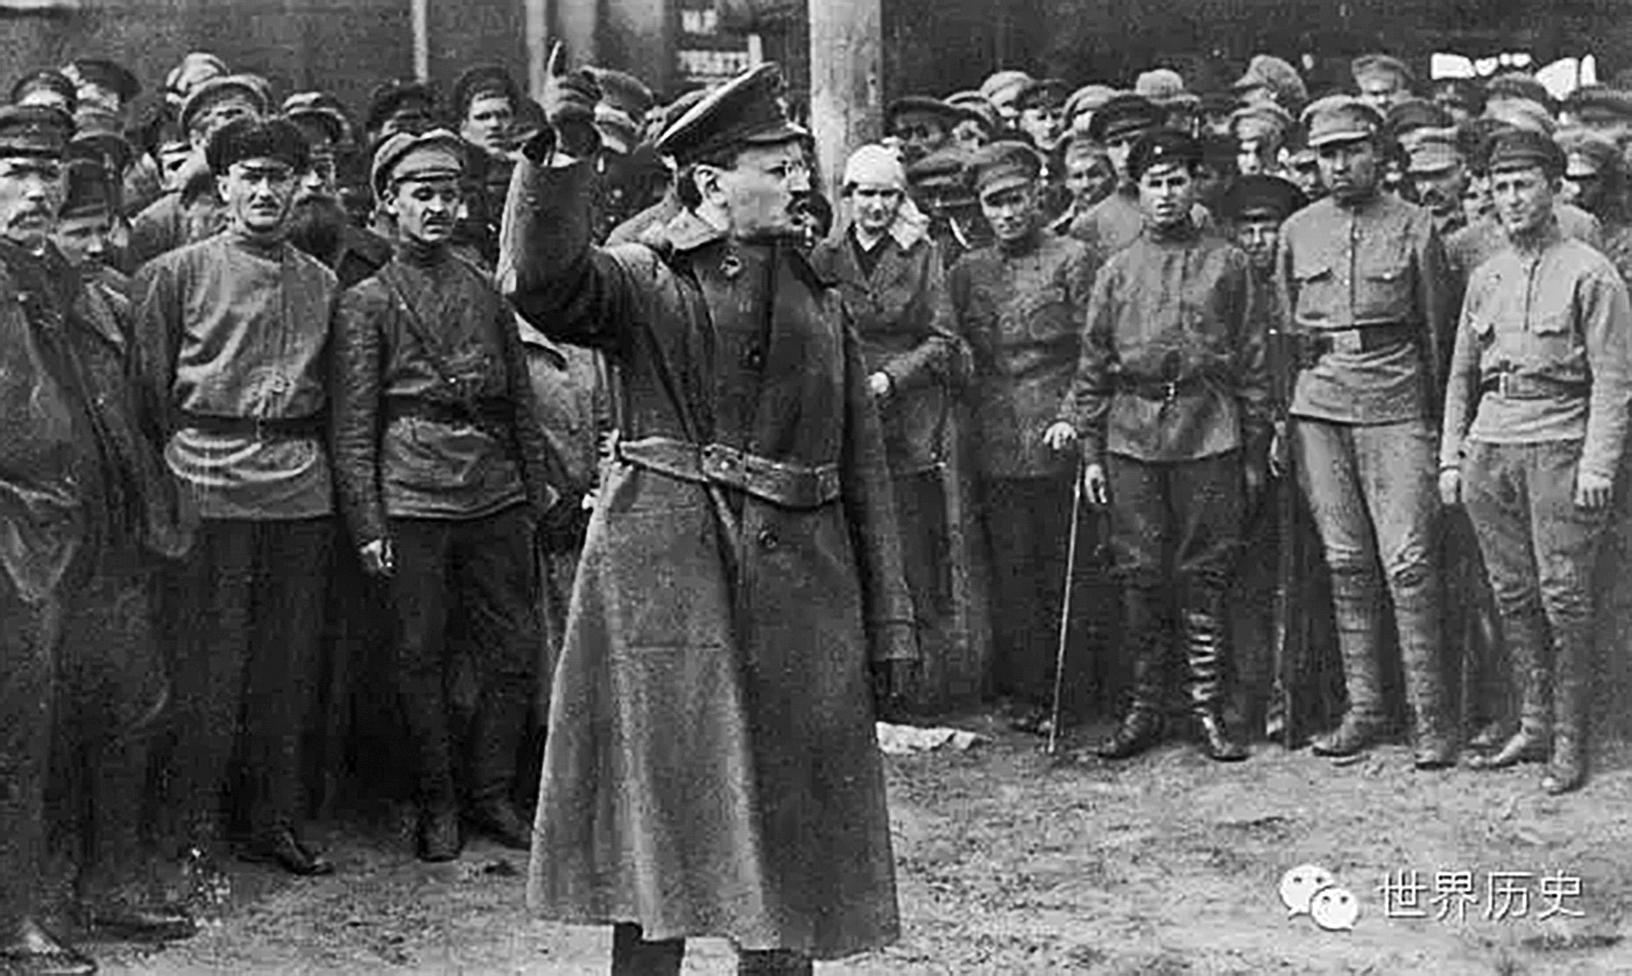 羅蘭筆下的記錄披露了一個讓人恐懼的蘇聯:沒有言論自由,時時受到監控。(網絡圖片)